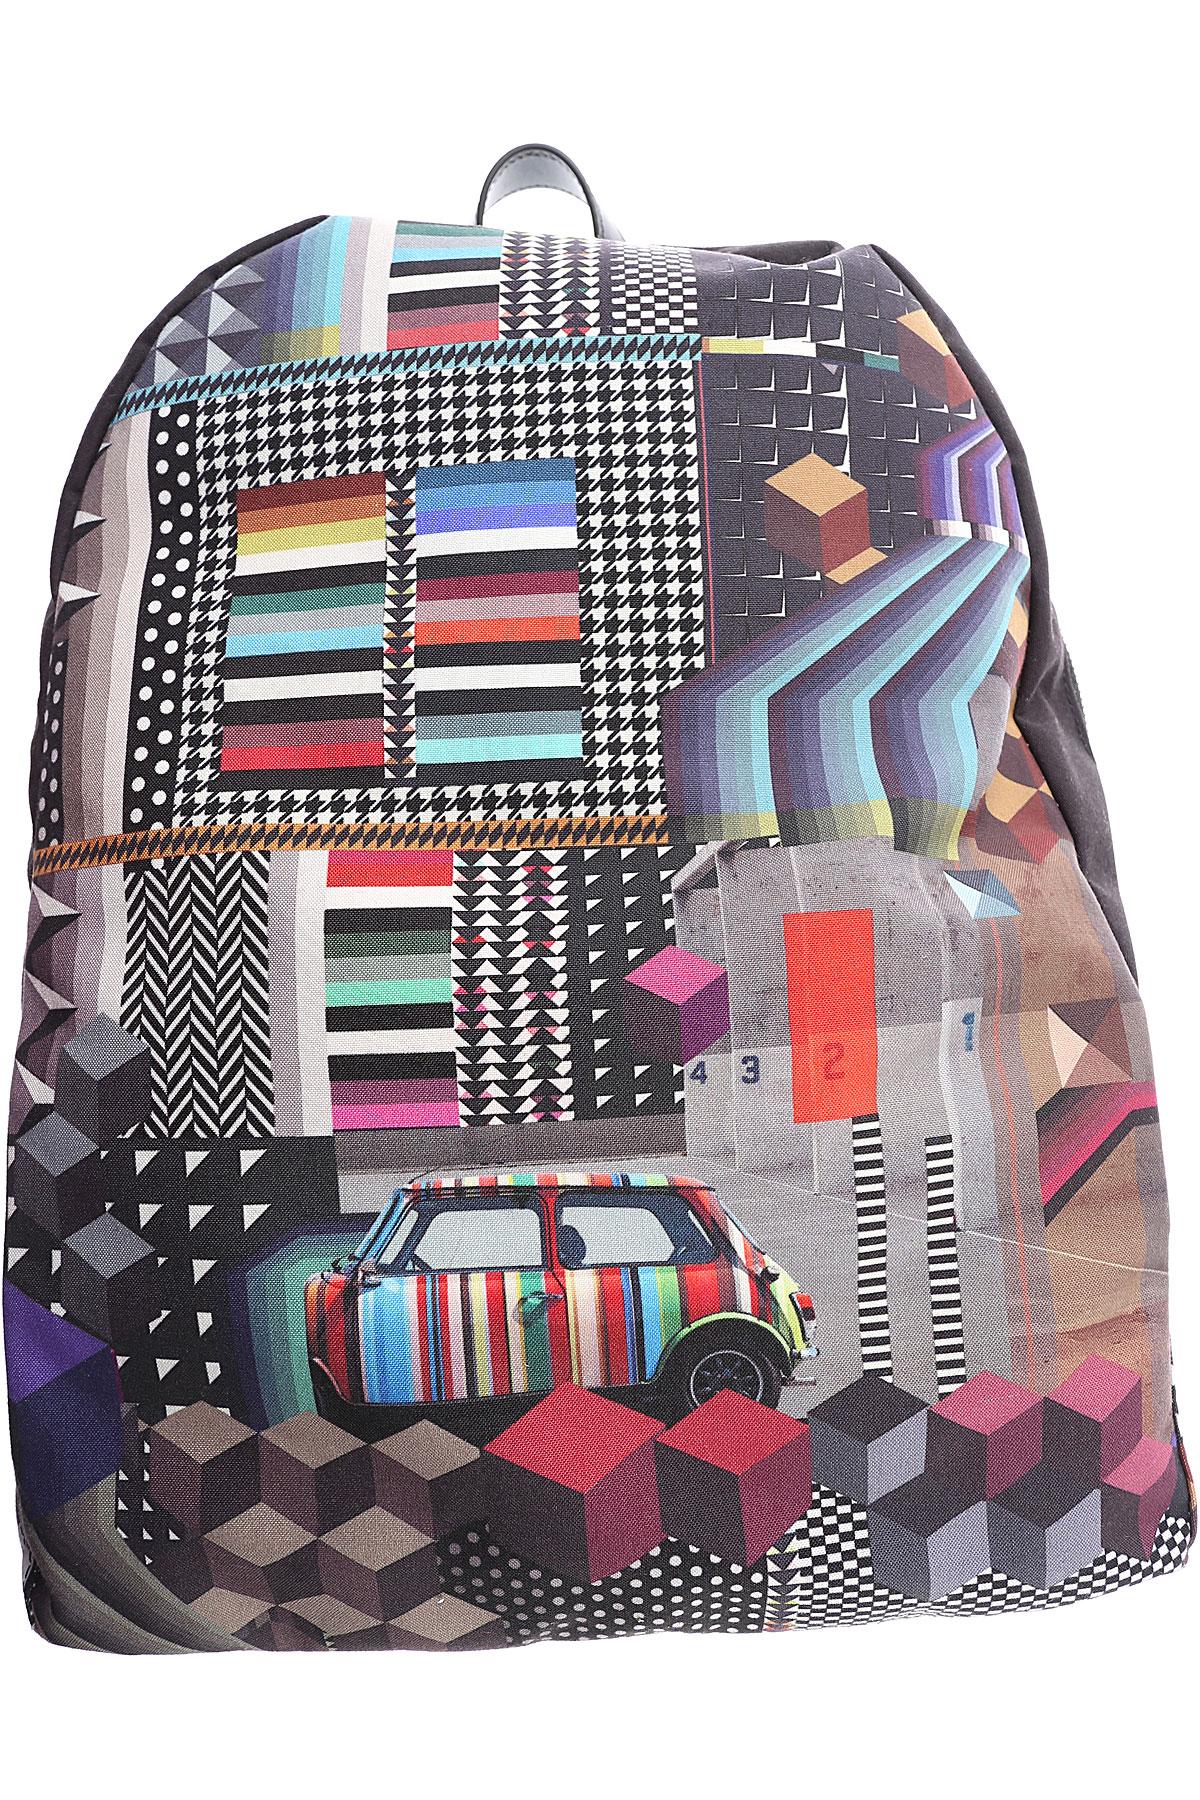 Image of Paul Smith Backpack for Men, Black, Nylon, 2017